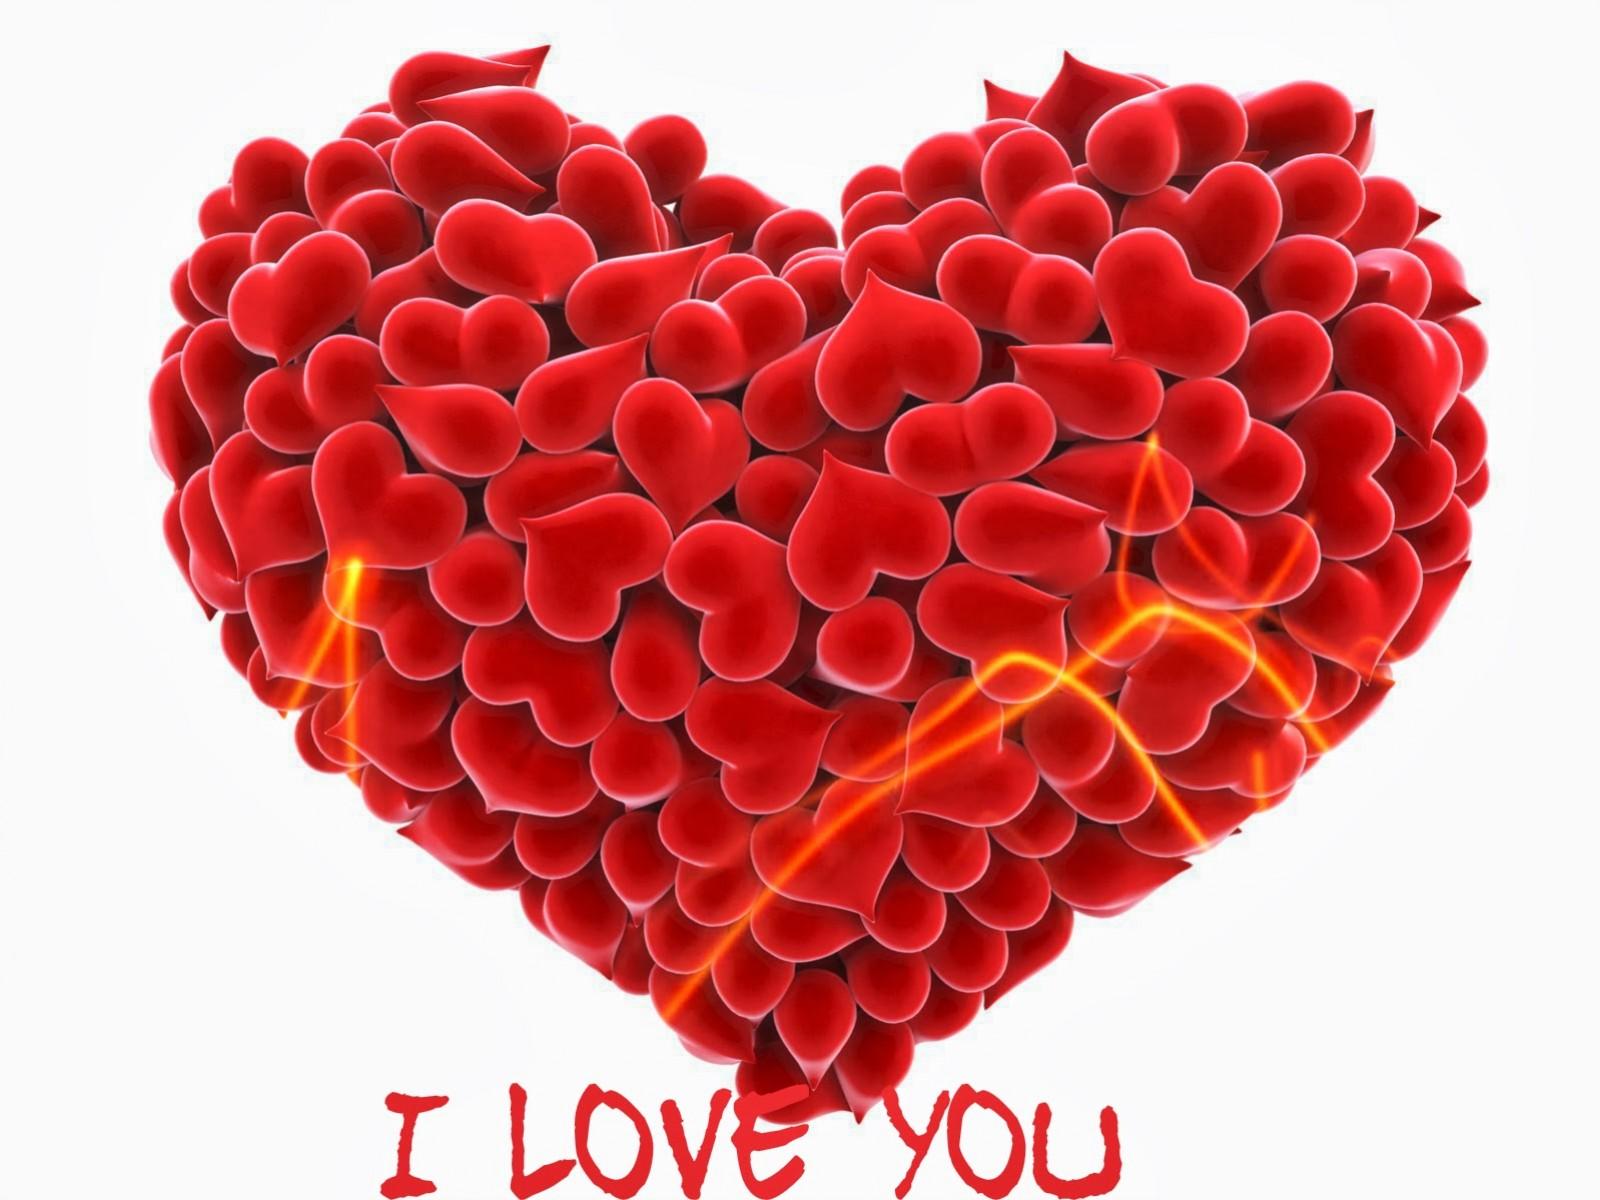 i love you wallpapers 3 خلفيات سطح المكتب i love you wallpapers